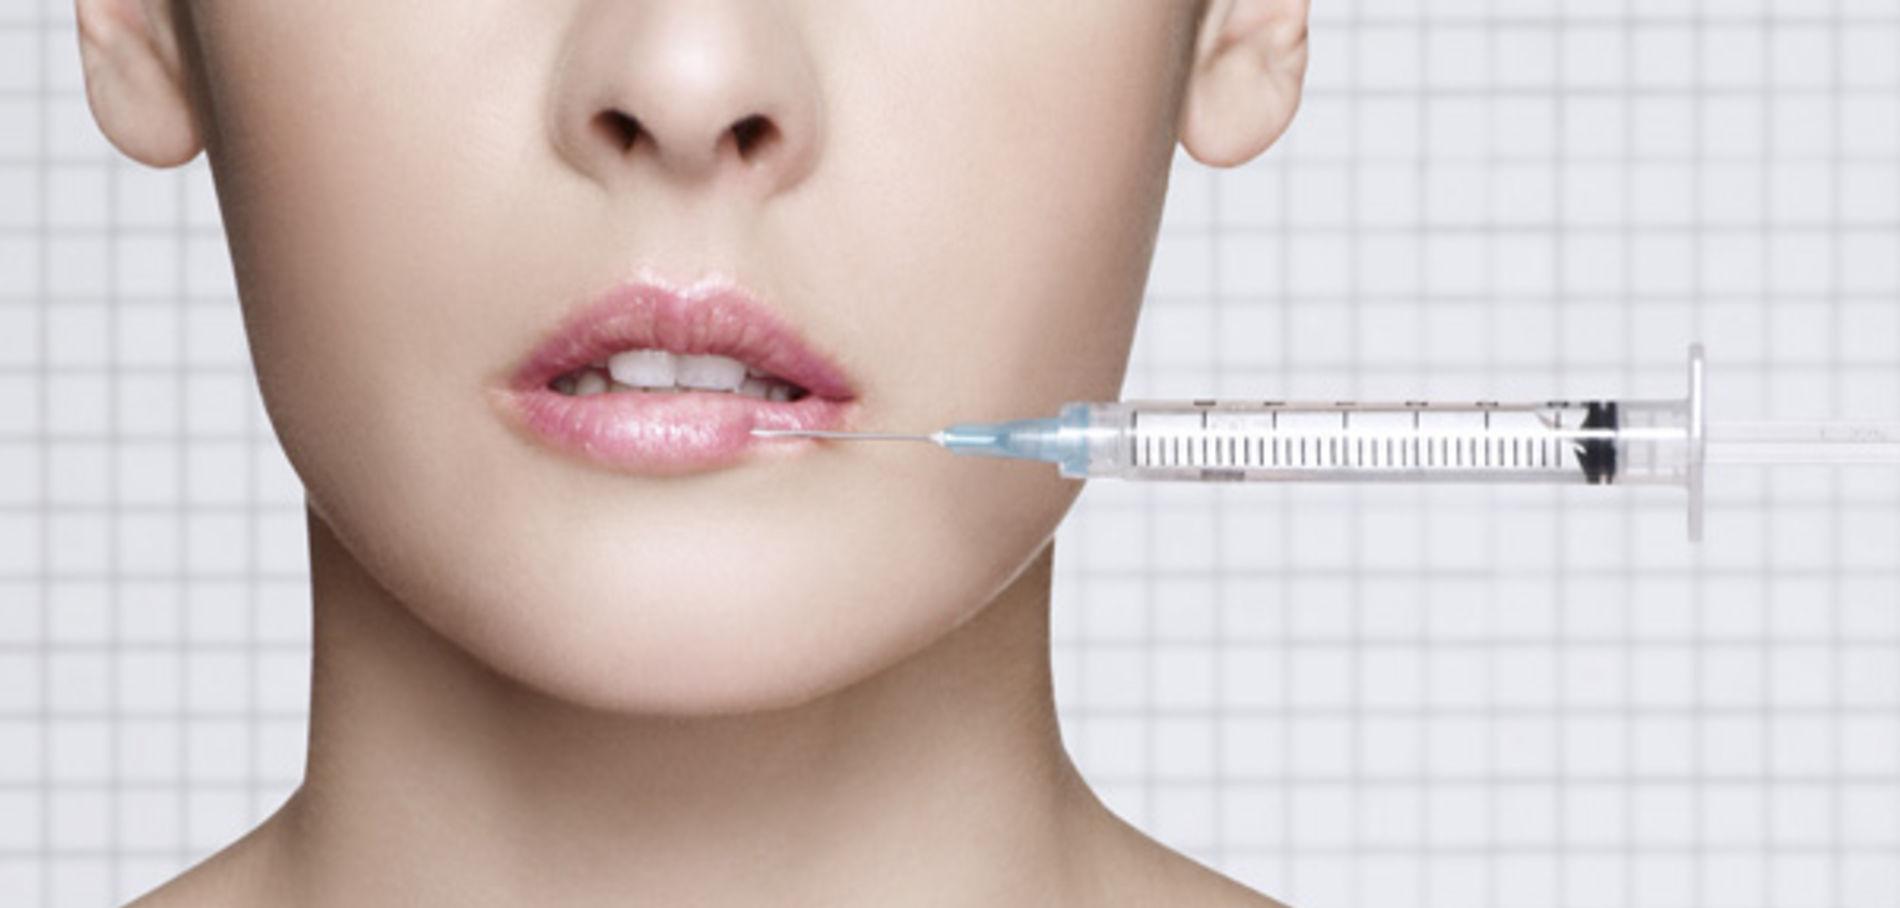 chirurgie esthétique chez les adolescents